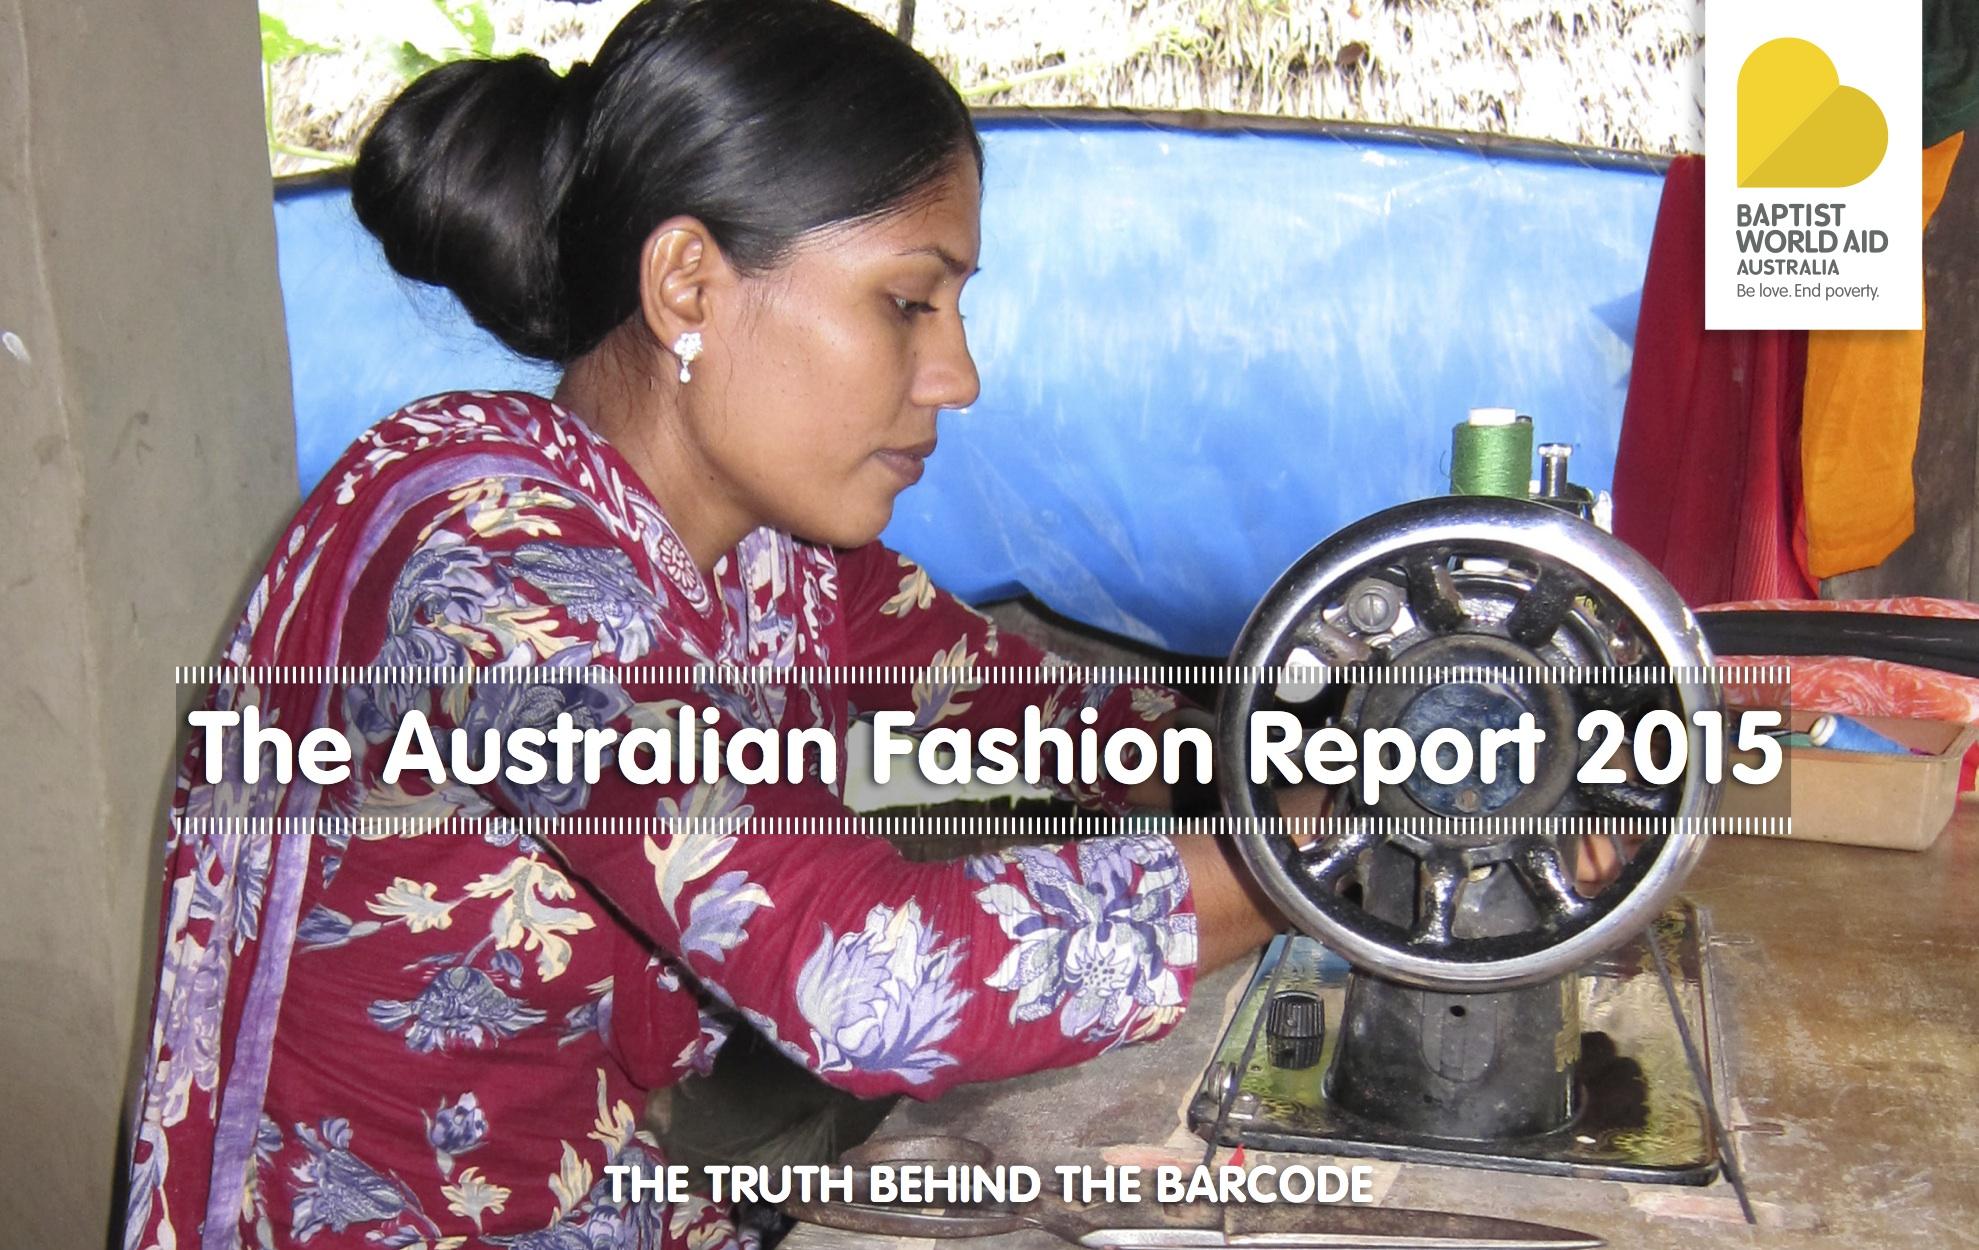 Australian Fashion Report 2015 cover